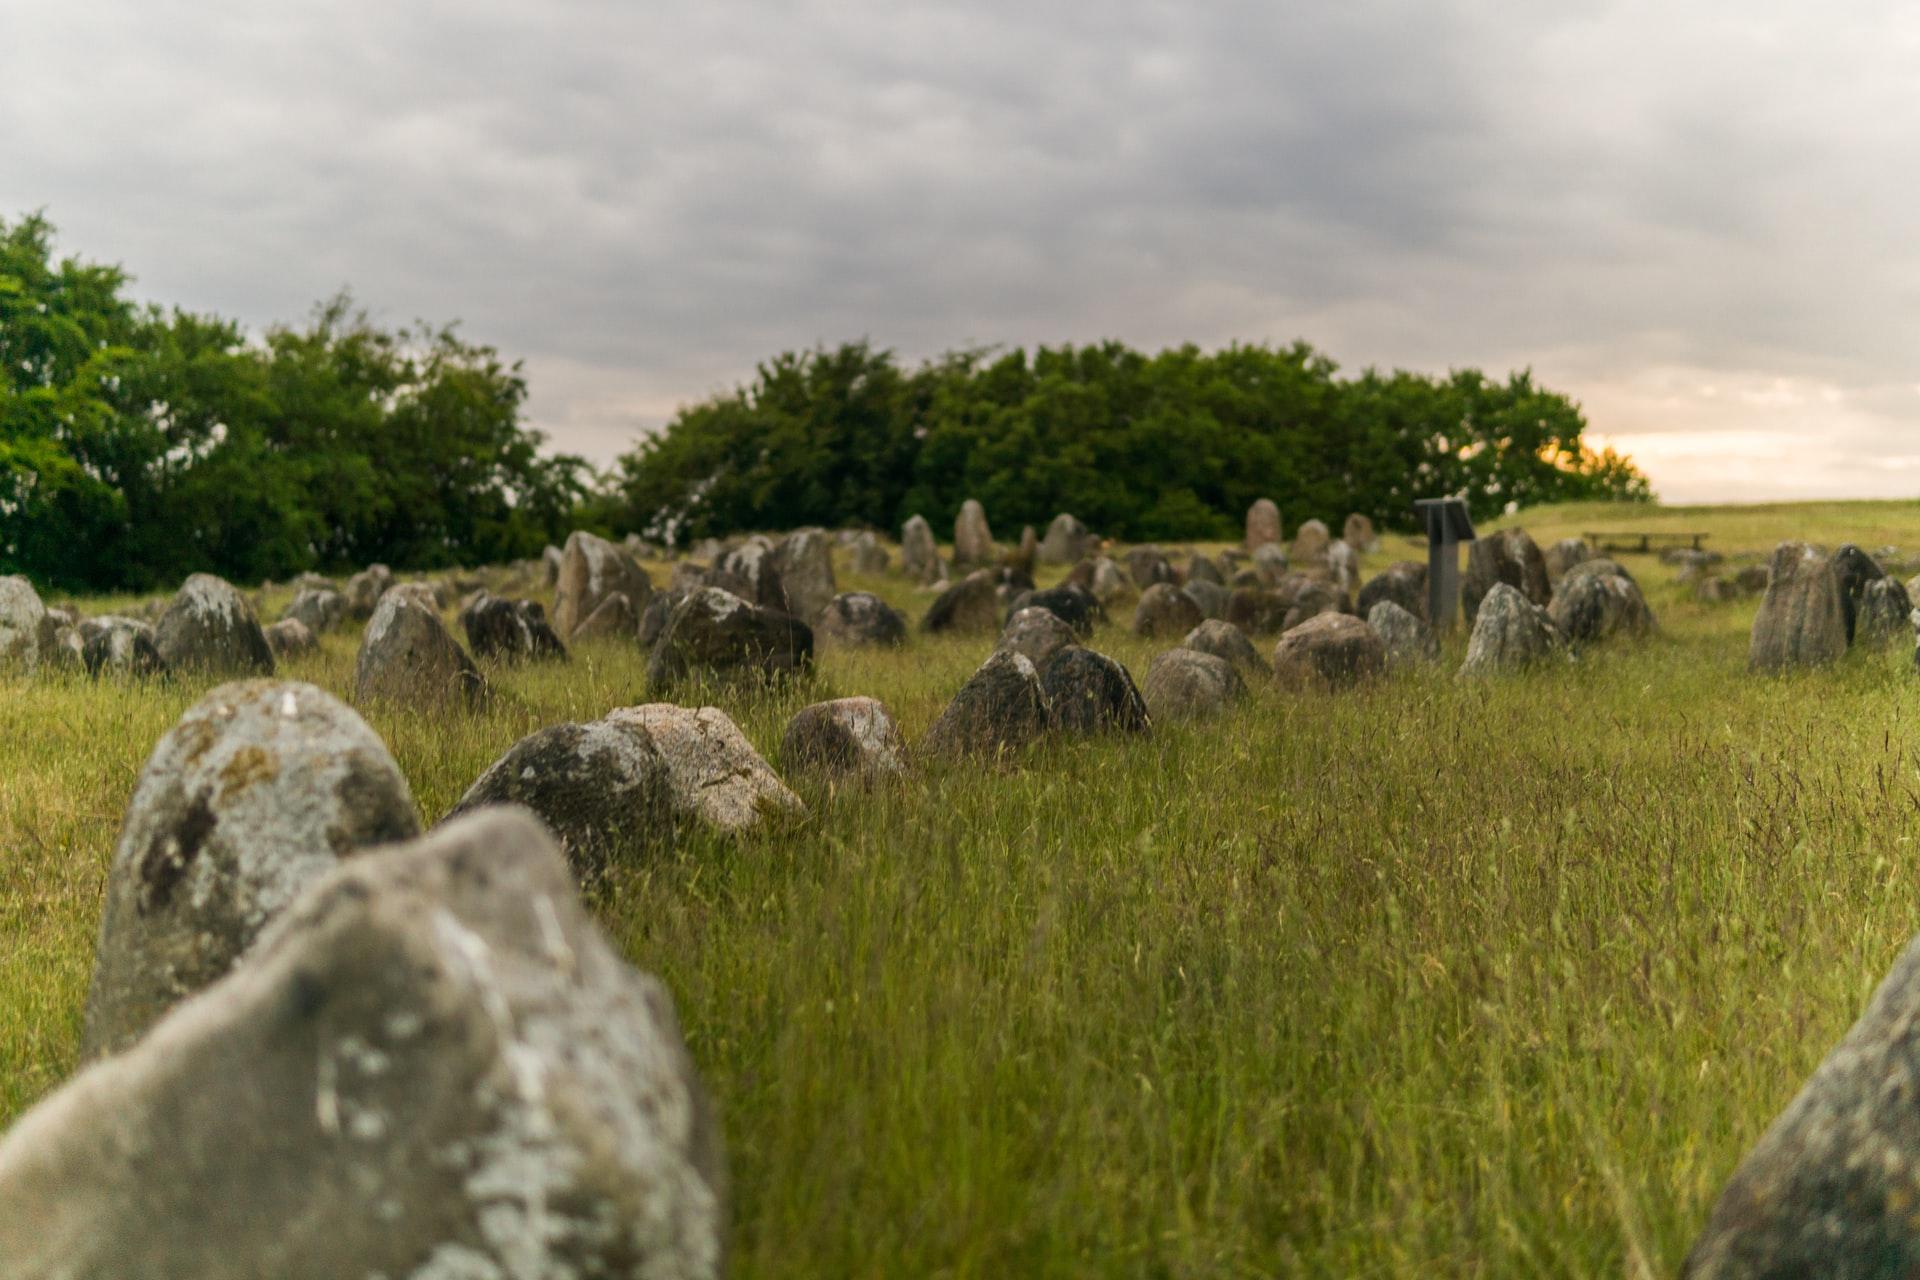 rocks spread on a field